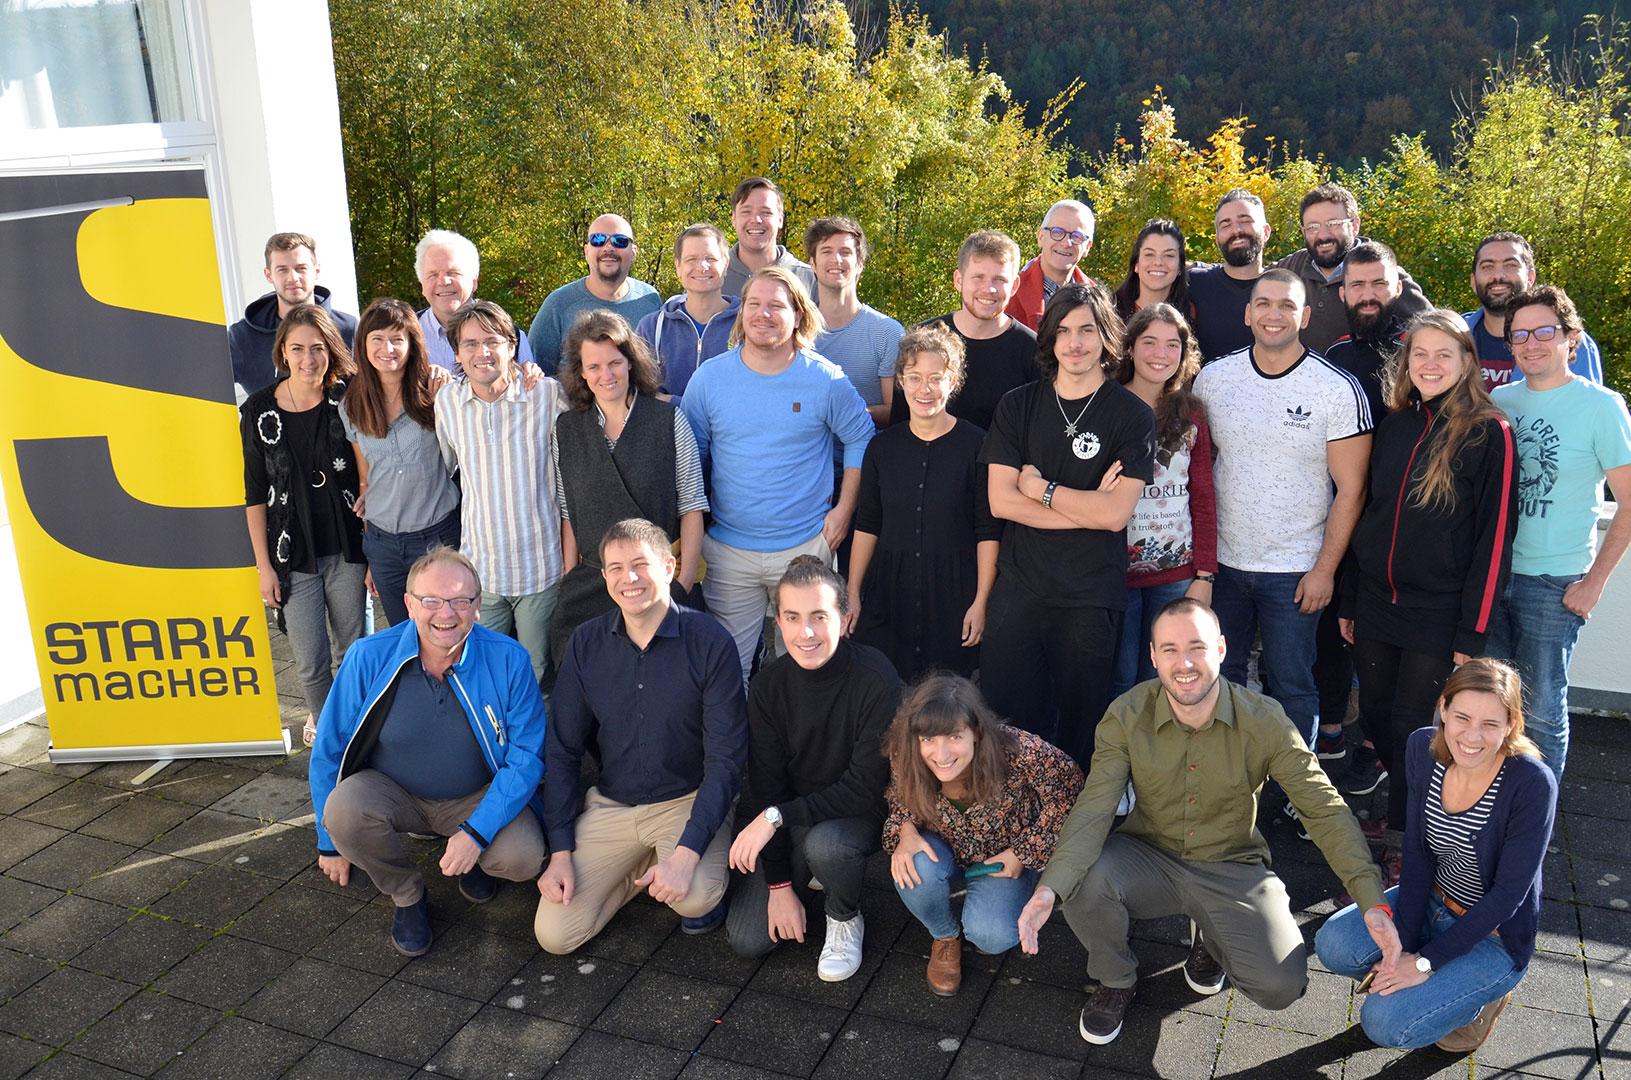 (Ua) Як виростити агентів змін? Соціальні інноватори зустрілись у Німеччині